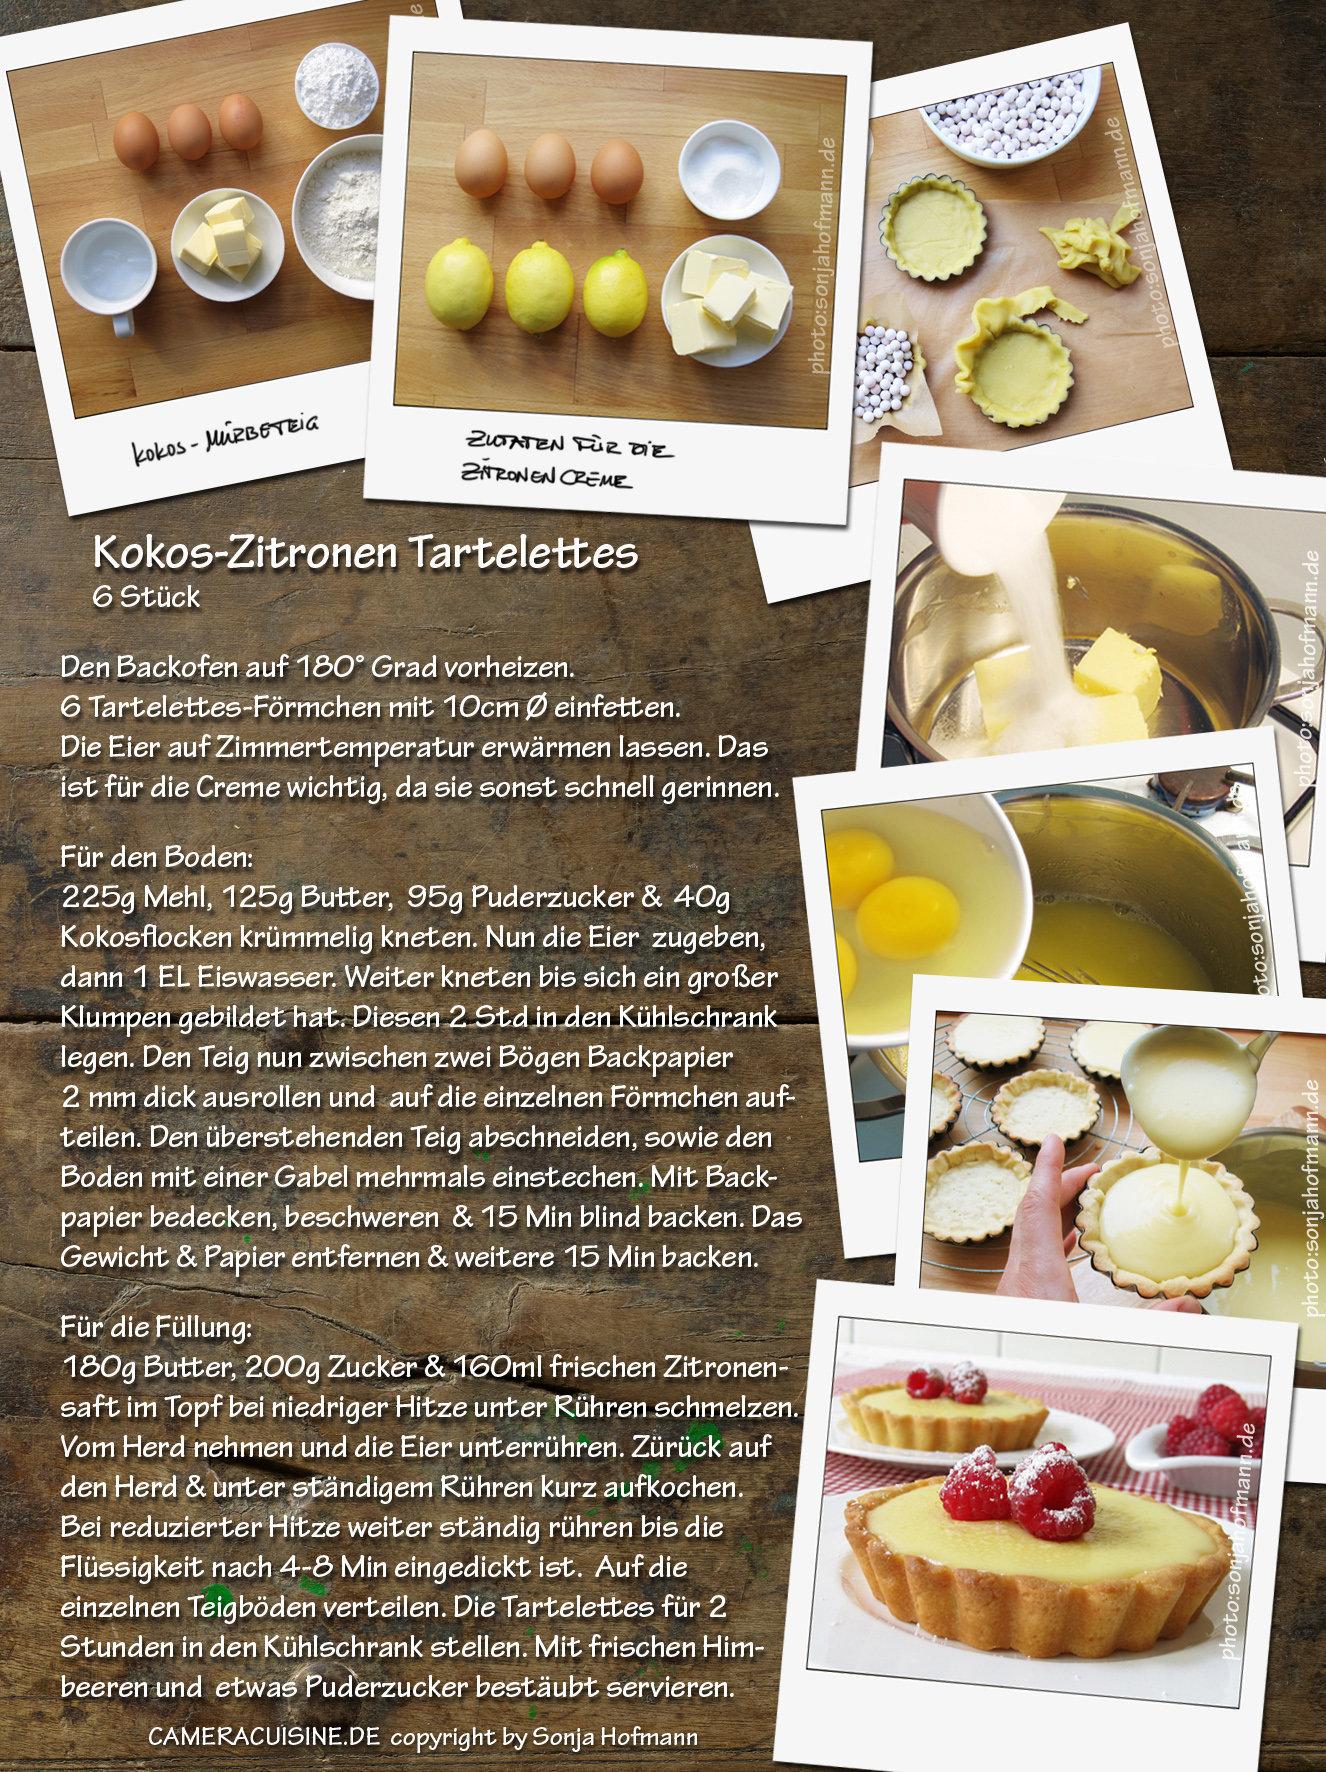 20111001_Kokos_Zitronen_Tartelettes_SonjaHofmann.jpg